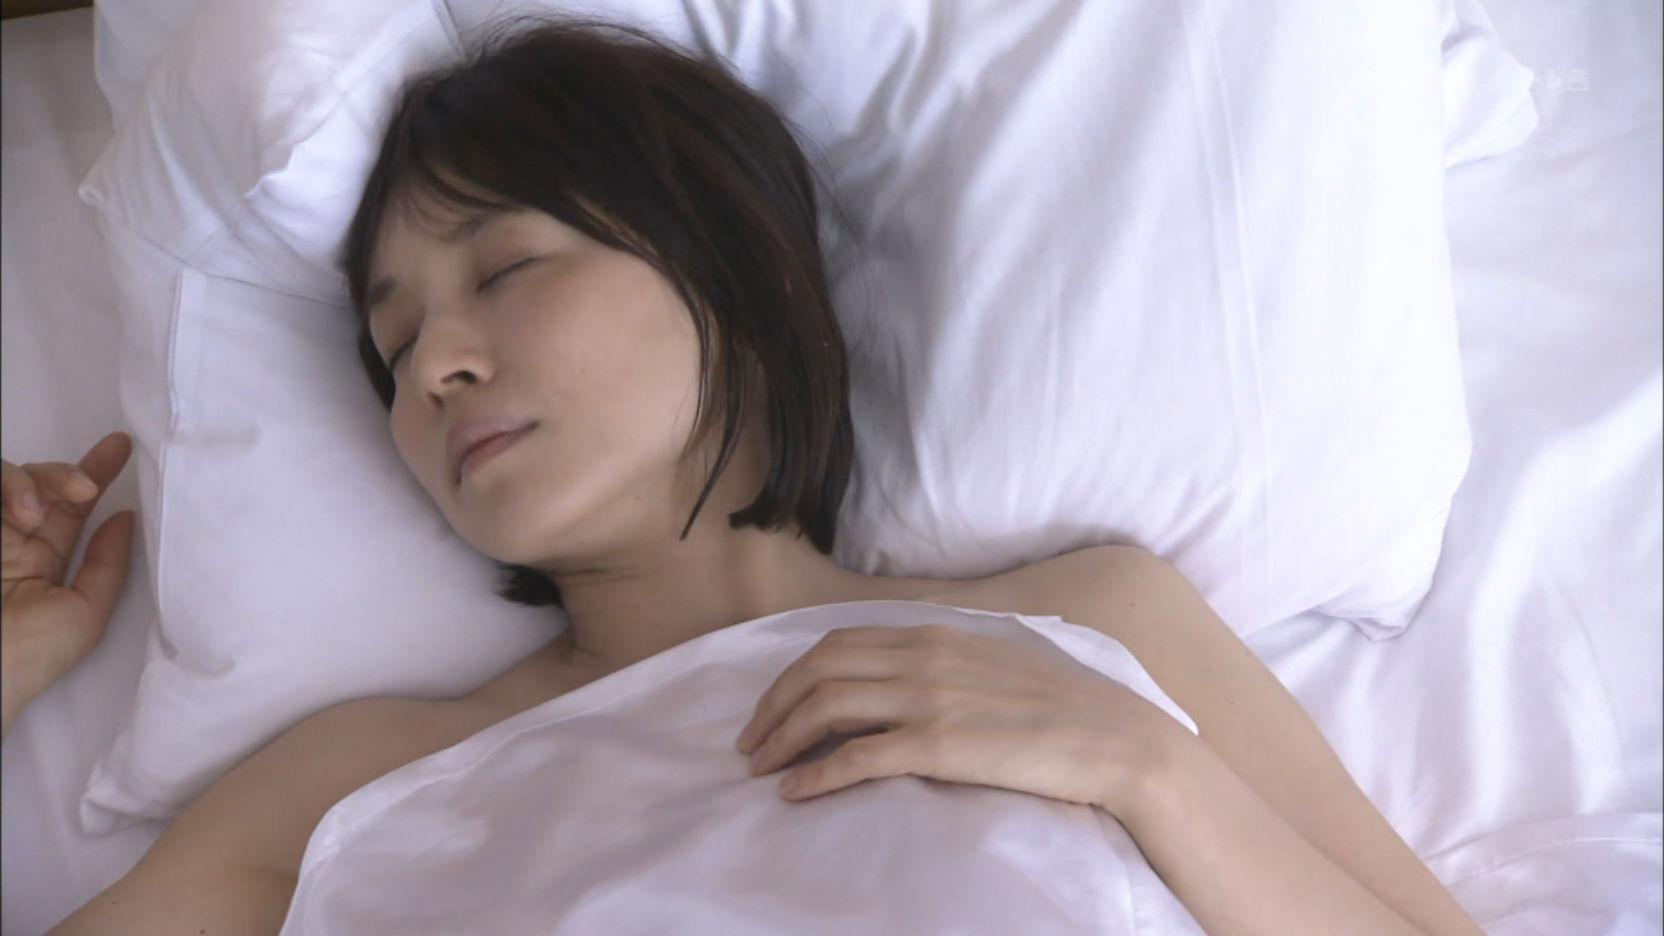 ドラマ「医師たちの恋愛事情」、石田ゆり子のベッドシーン